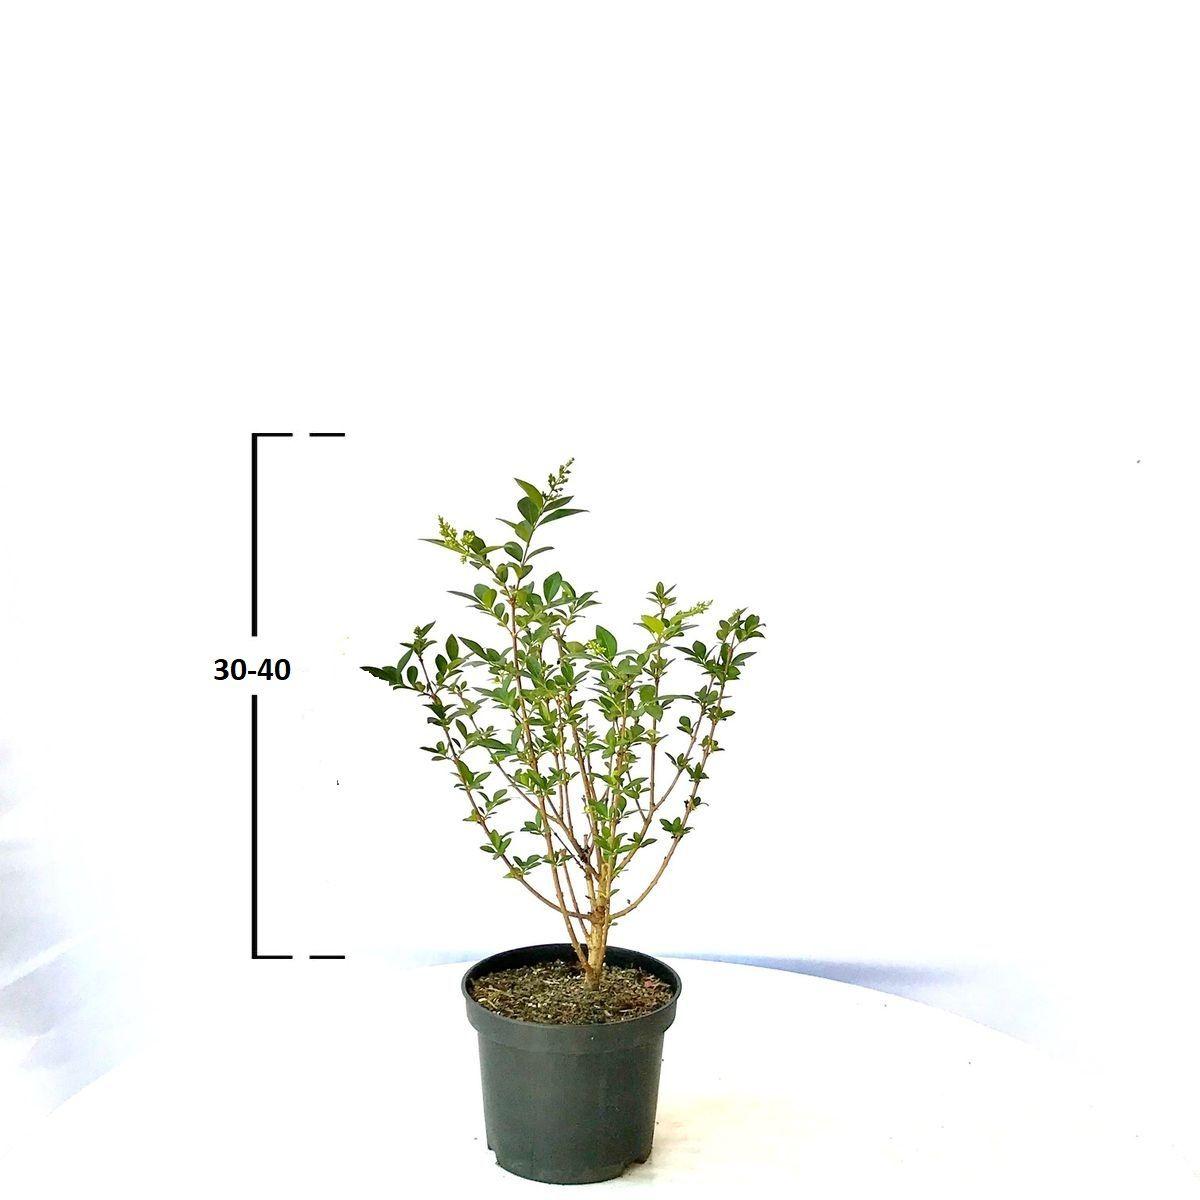 Ligustrum ovalifolium ´OVALIFOLIUM´ 30-40 cm, kontejner (Ptači zob)